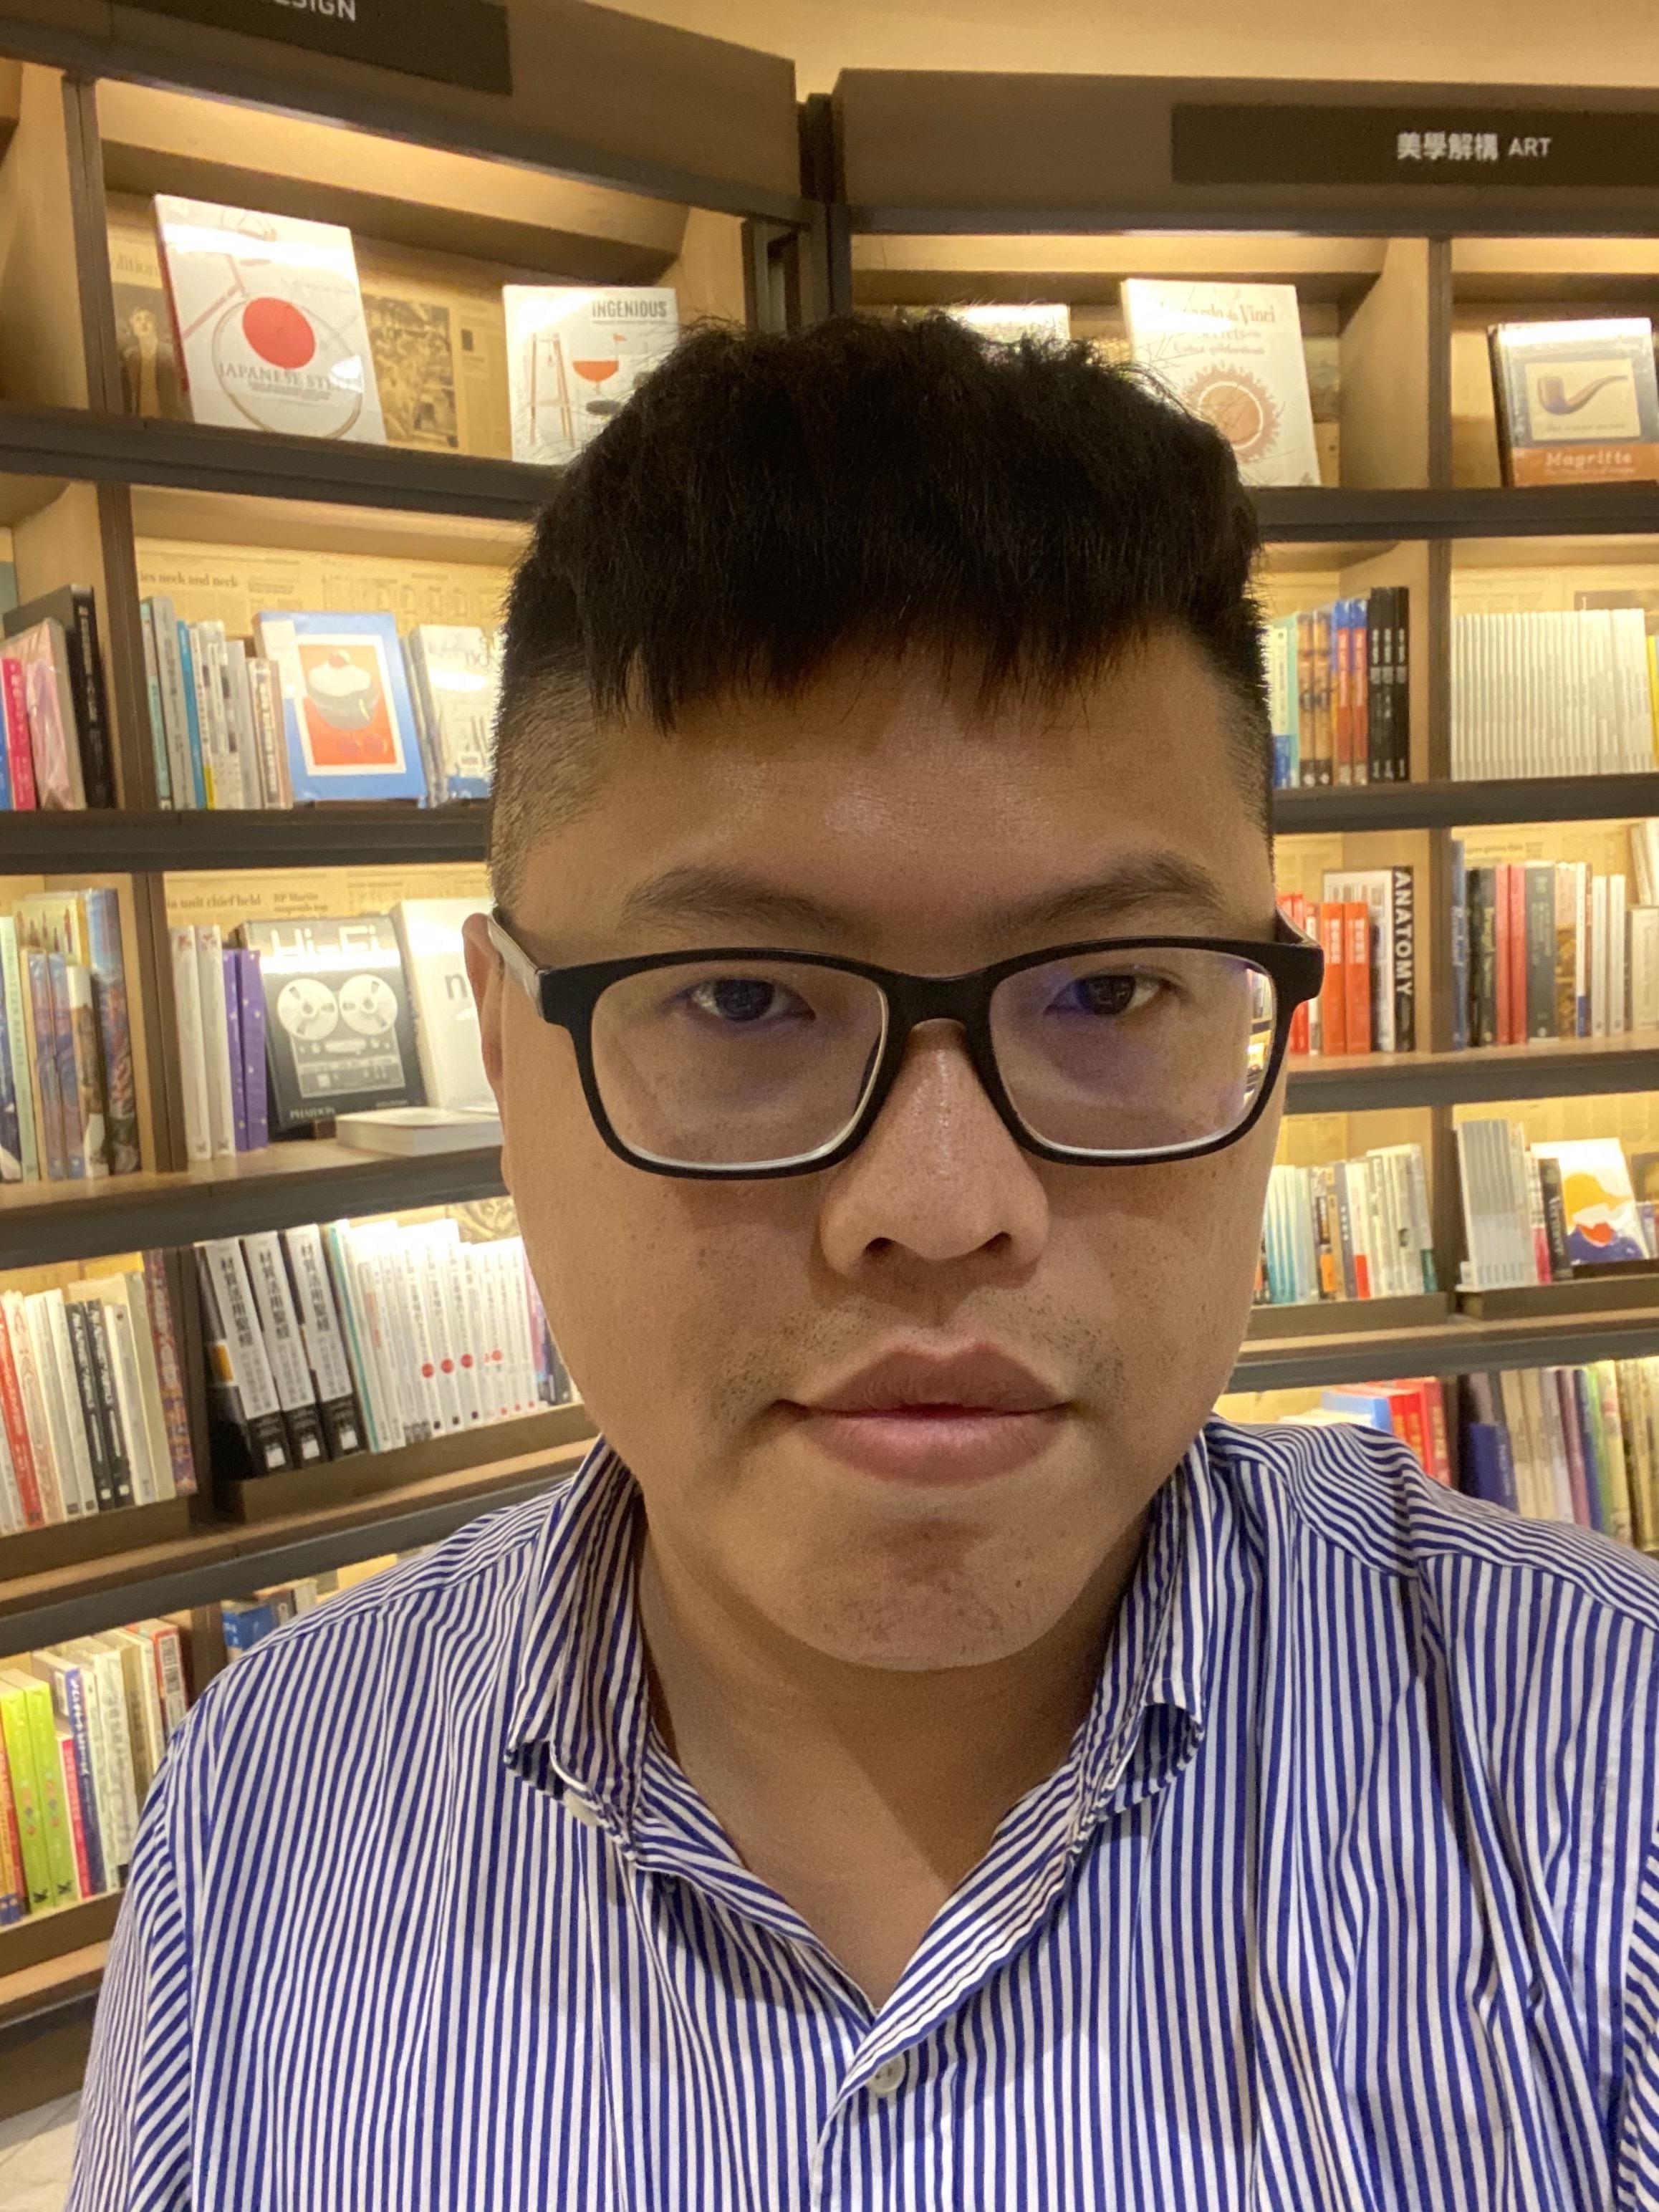 專欄作家 - 廖雋安